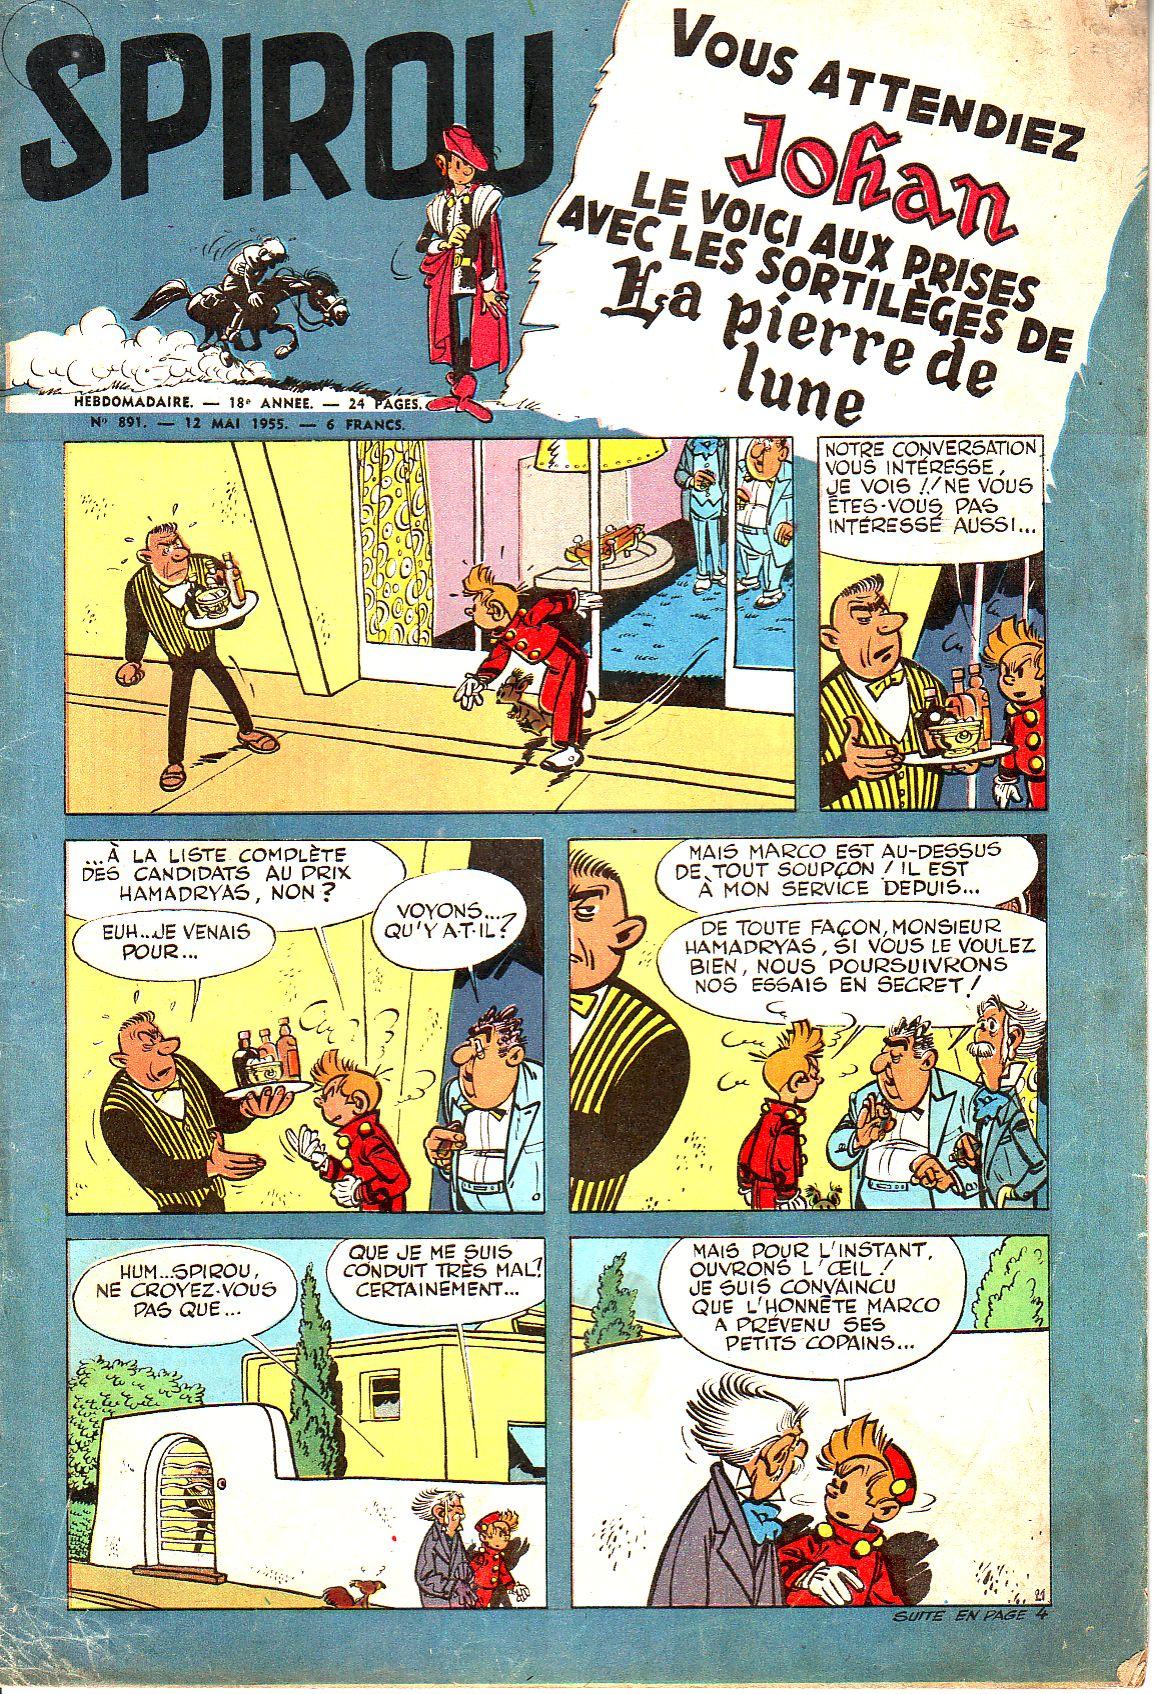 Le journal de Spirou 891